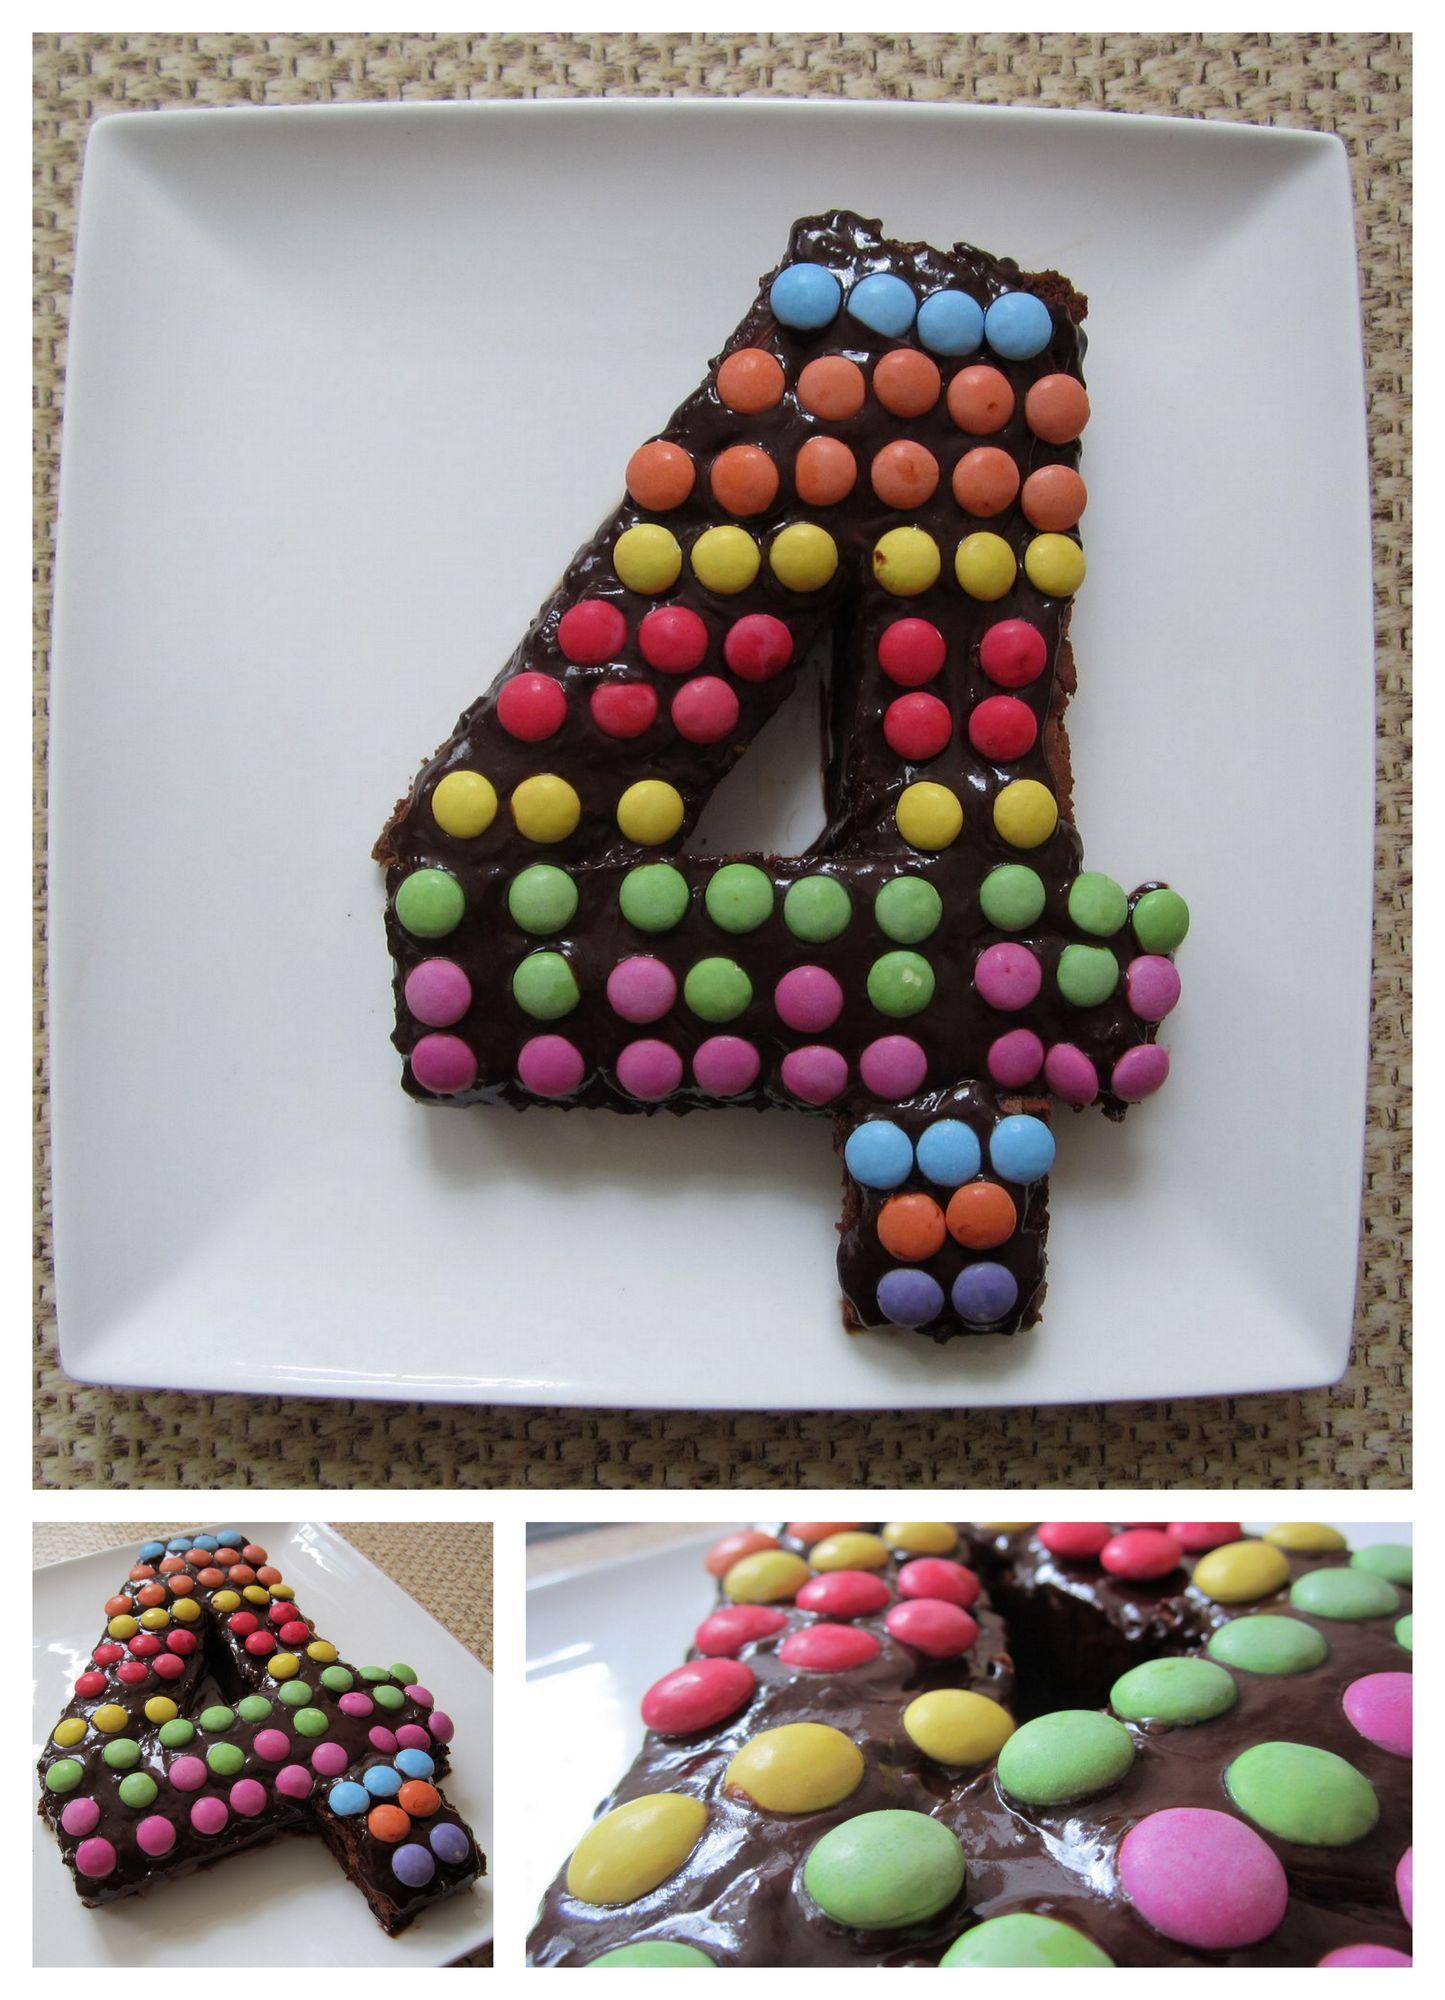 pour l'anniversaire des 4 ans de mon fils : brownie maison recouvert de chocolat et de smarties ...